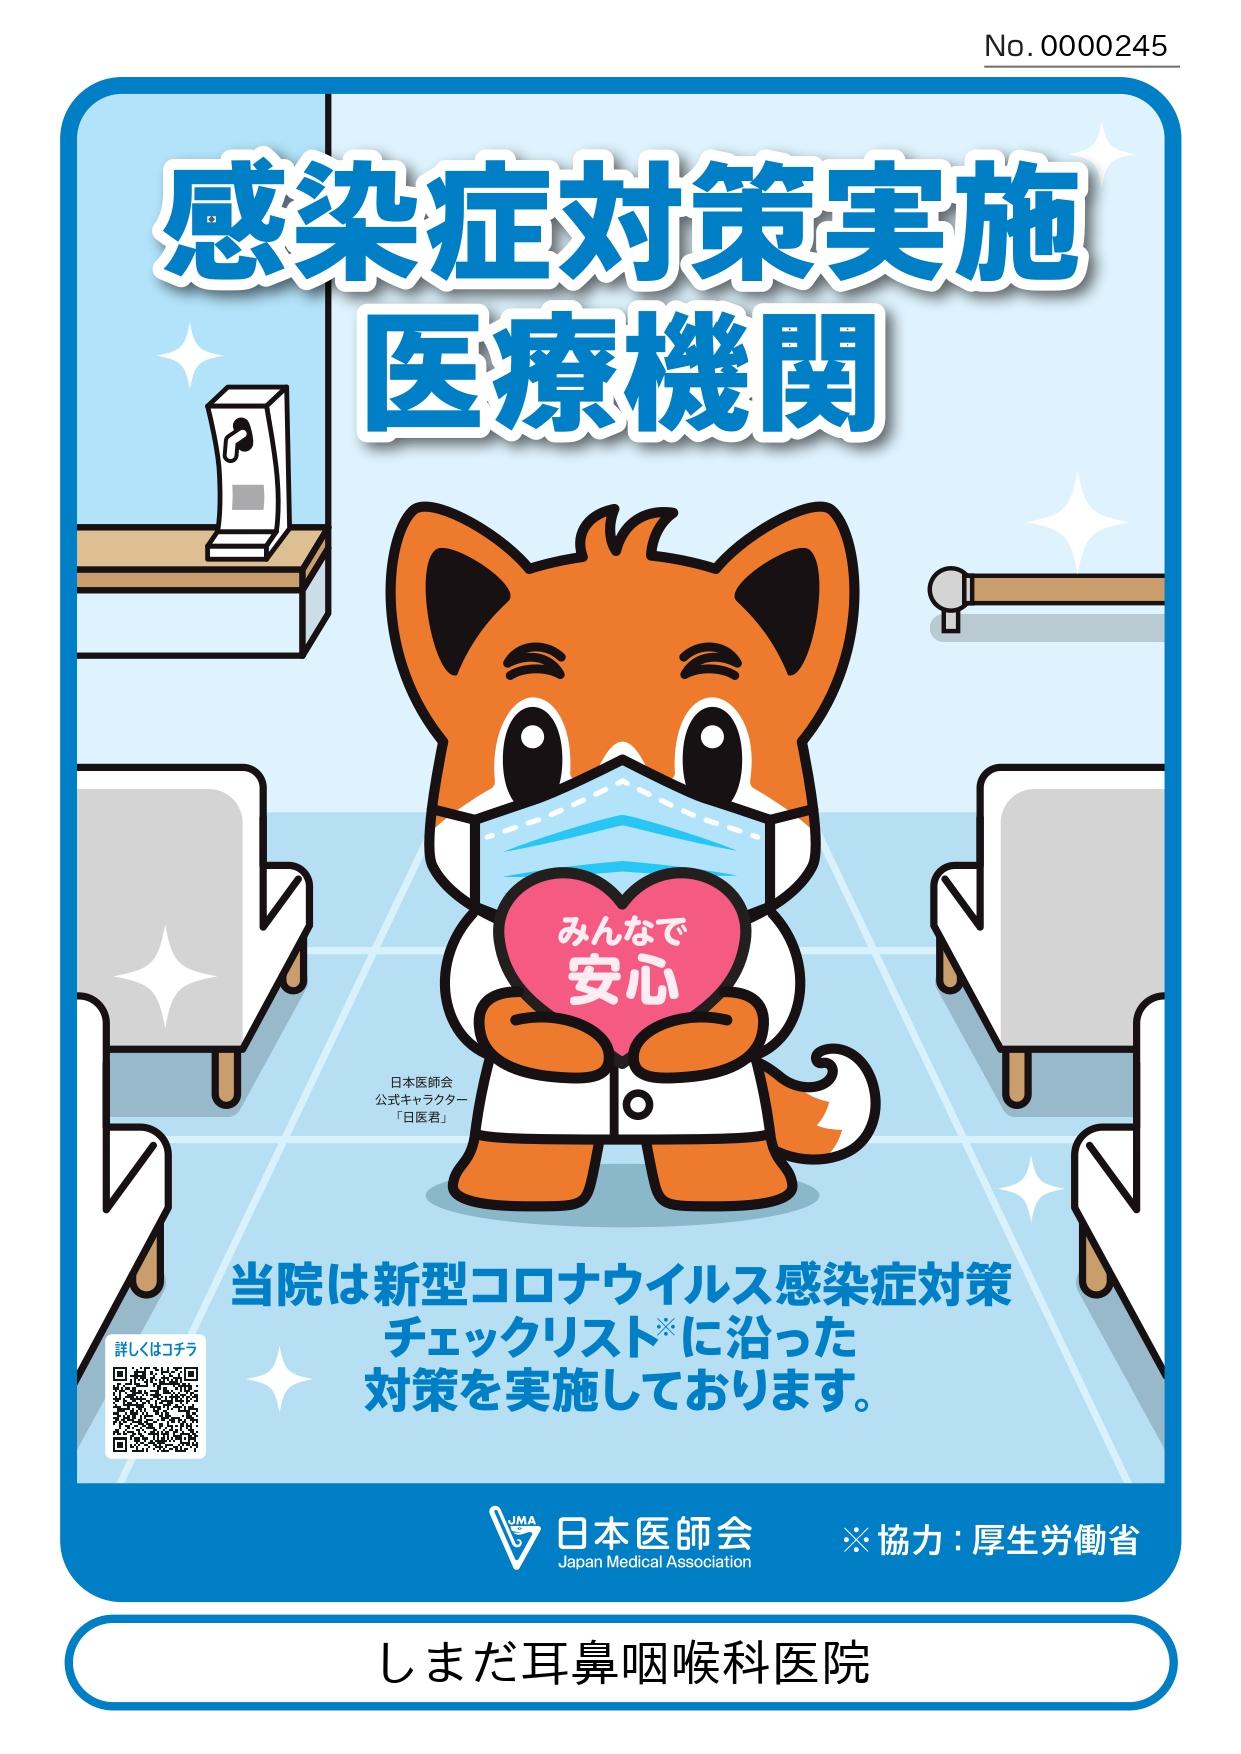 大阪府 堺市 耳鼻科 耳鼻咽喉科 しまだ耳鼻咽喉科 しまだ 予約